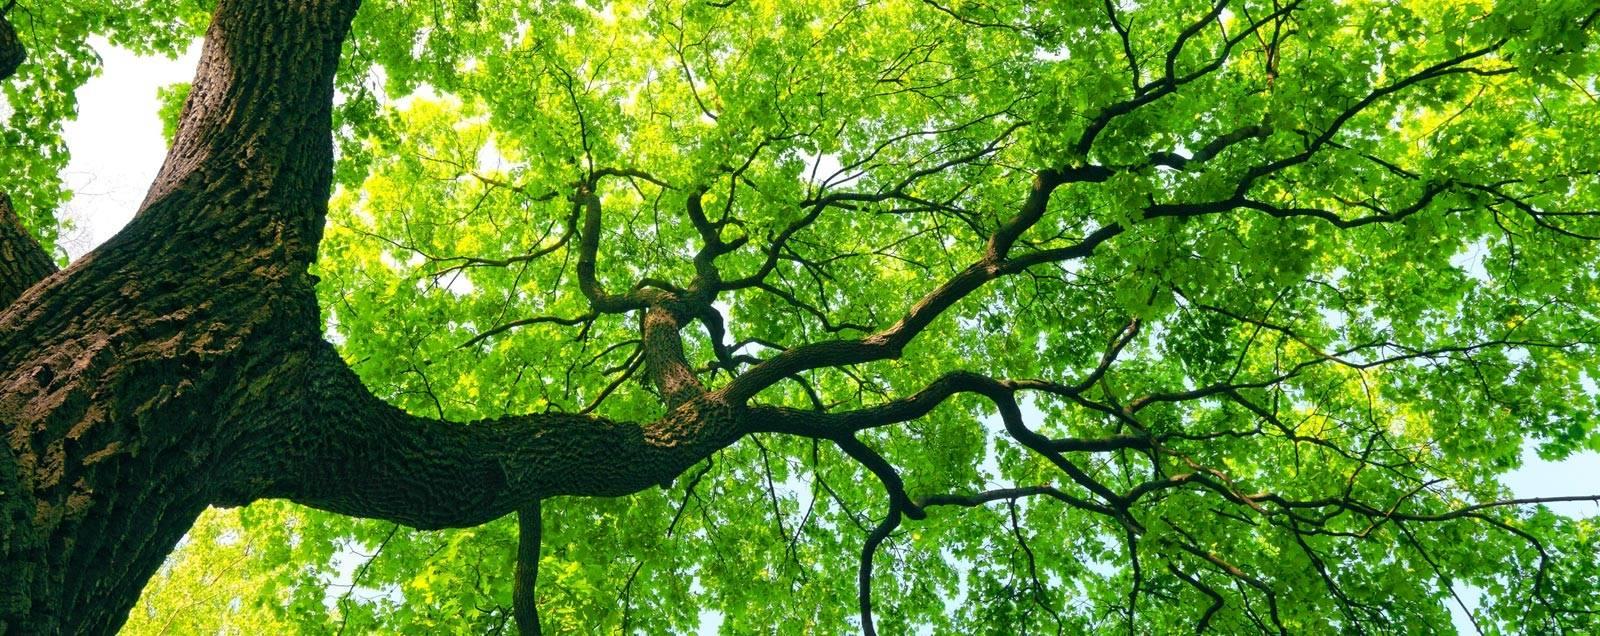 机器学习第一课:决策树学习概述与实现